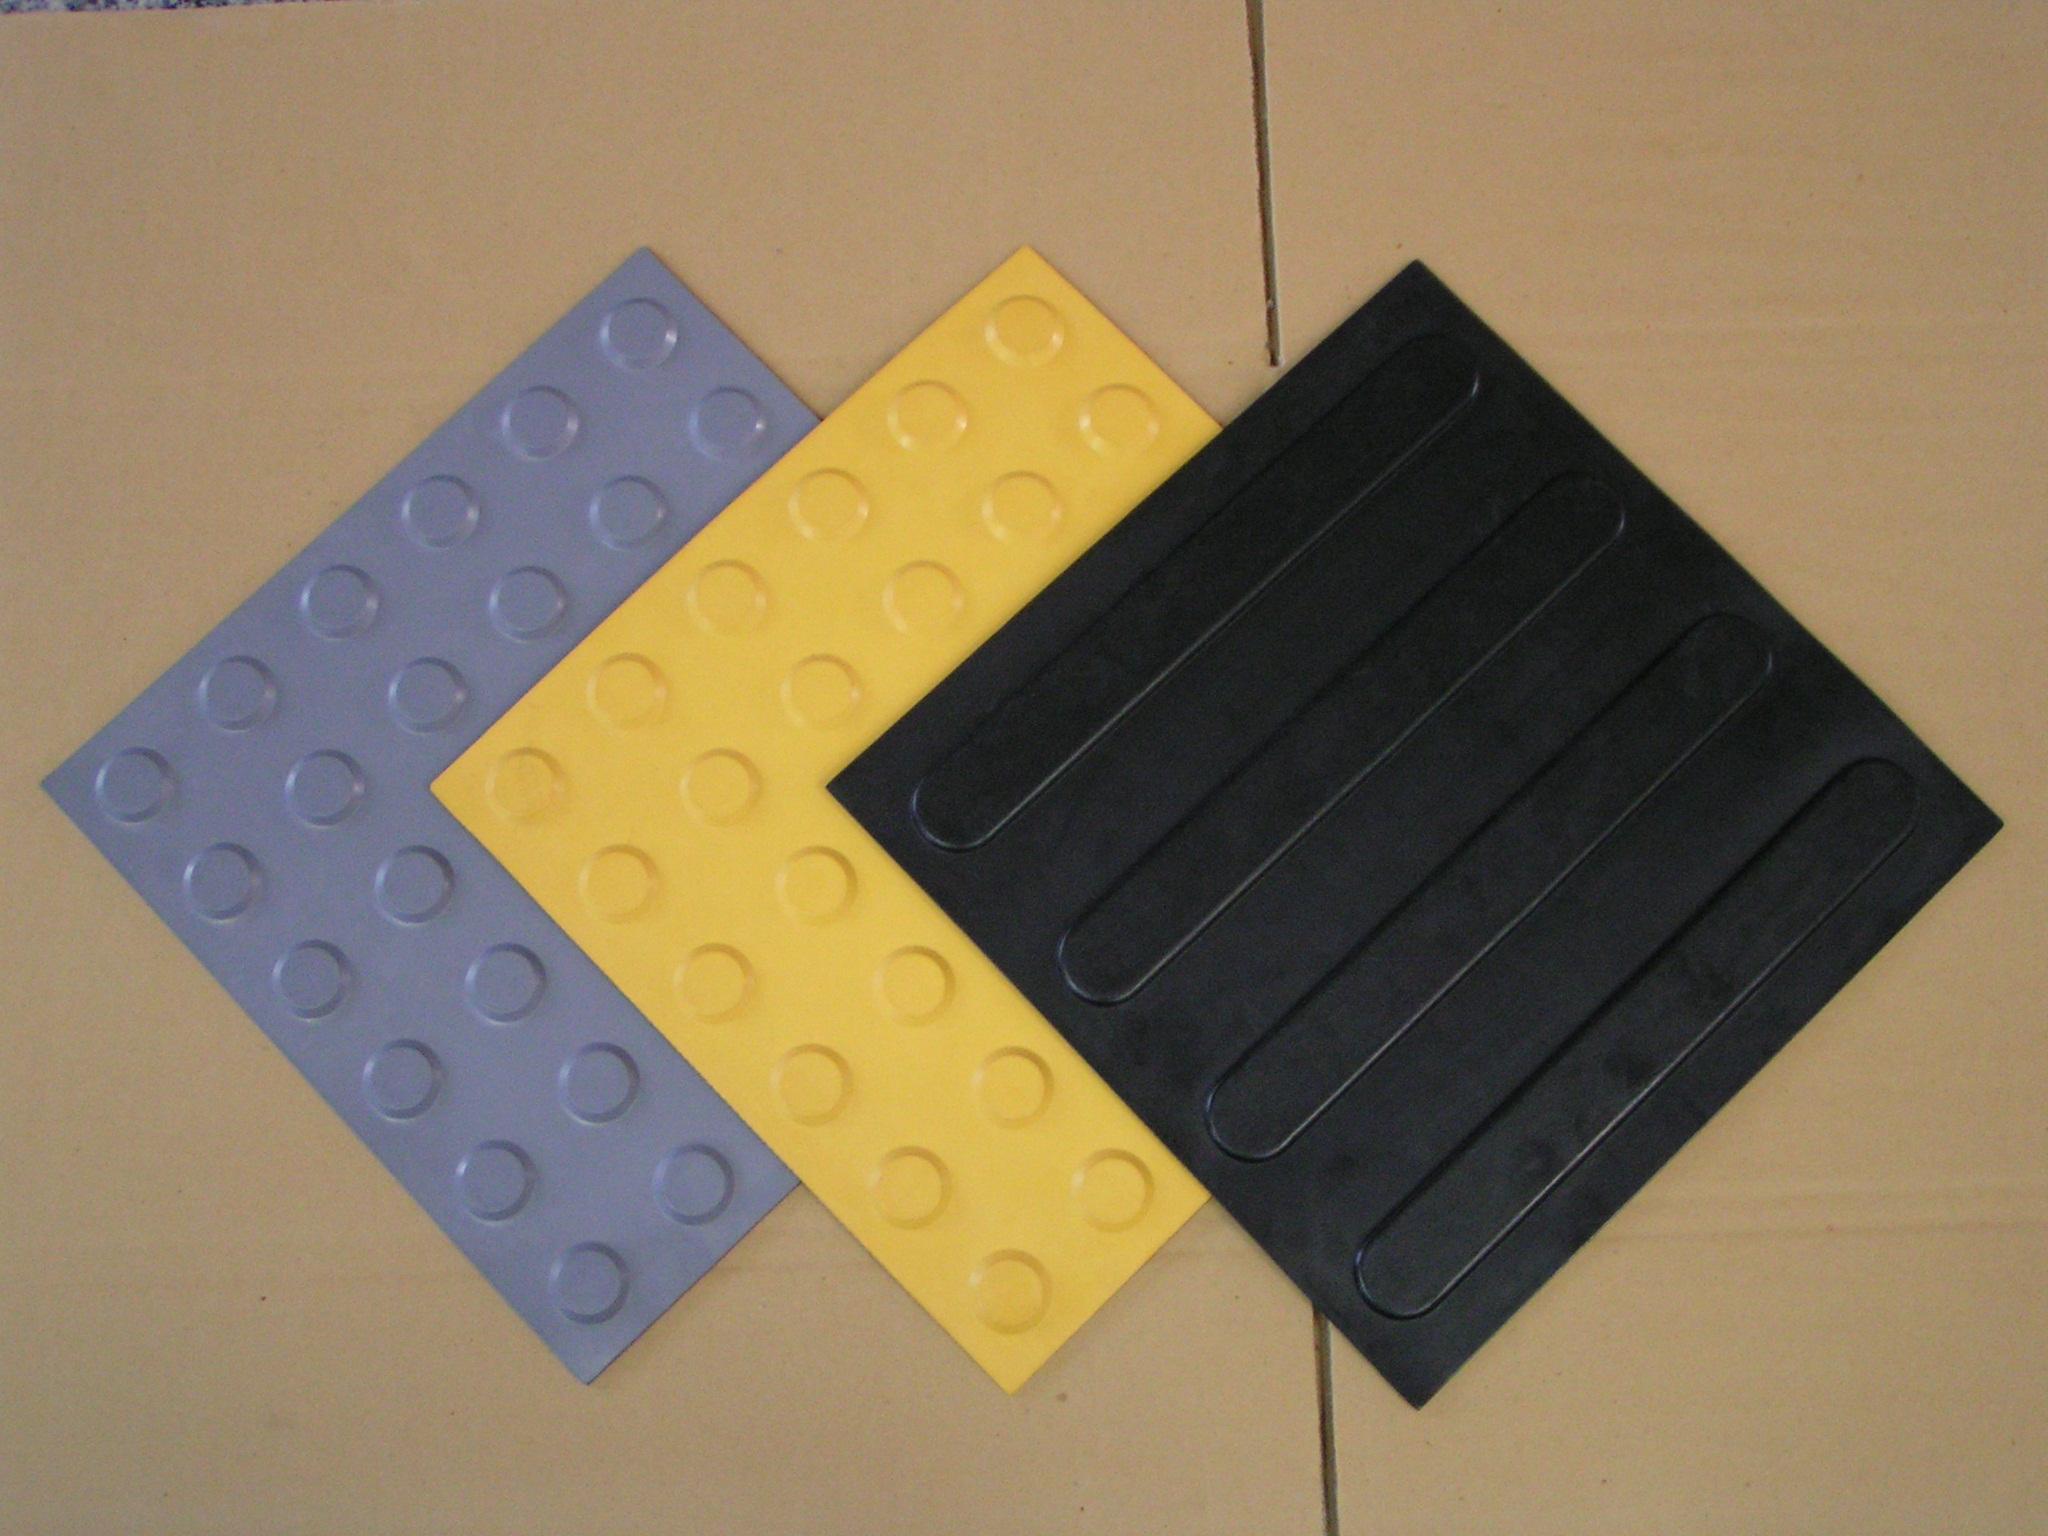 導盲磚 Tactile paving